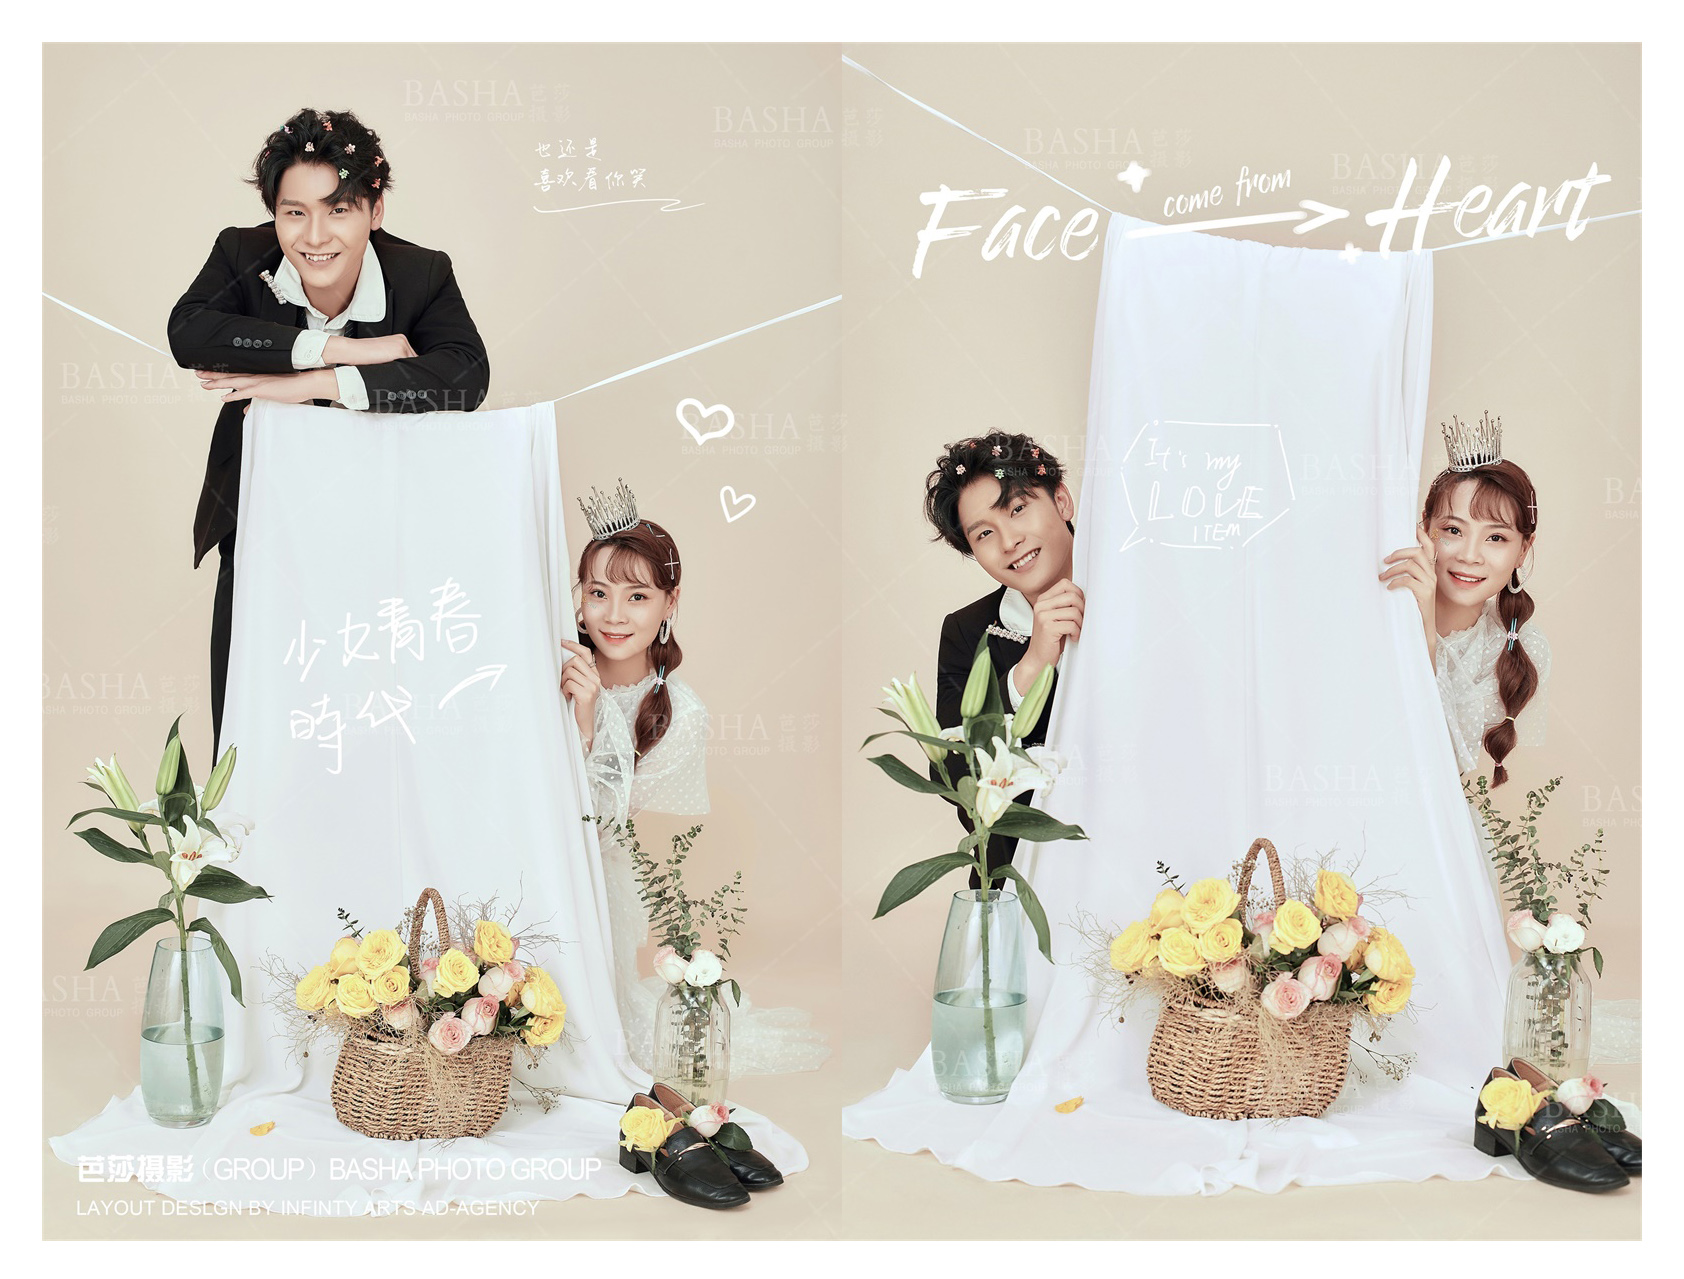 马卡龙系列 #贵阳婚纱照